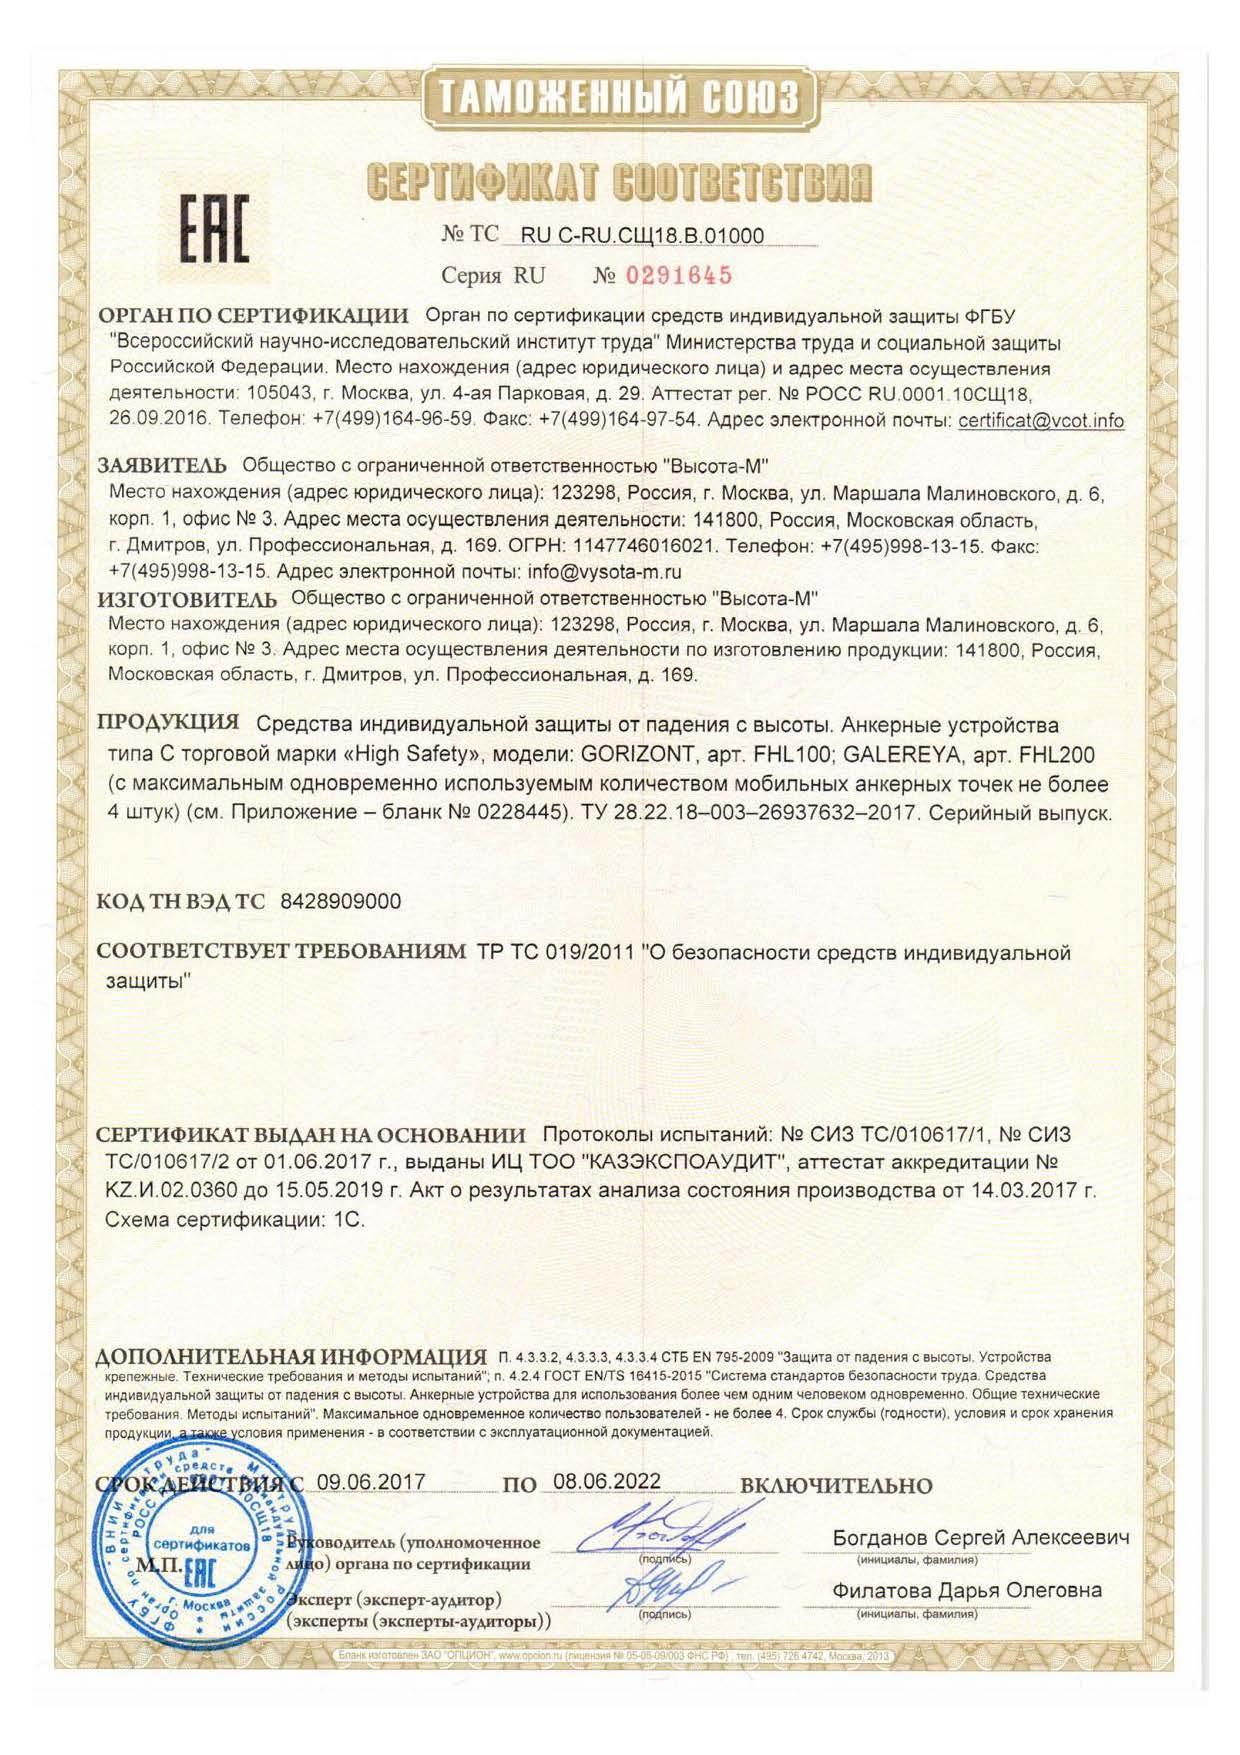 sertifikat-GORIZONT-GALEREYA.jpg